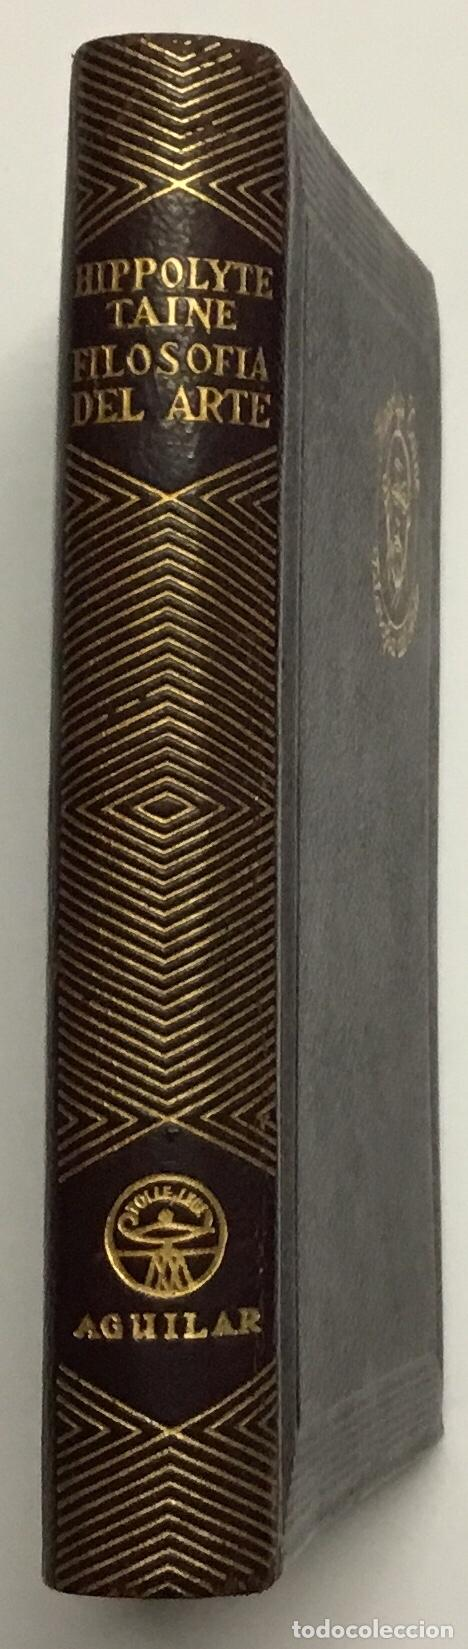 HIPPOLYTE TAINE. FILOSOFÍA DEL ARTE. AGUILAR, 1957. JOYA. (Libros antiguos (hasta 1936), raros y curiosos - Literatura - Narrativa - Clásicos)